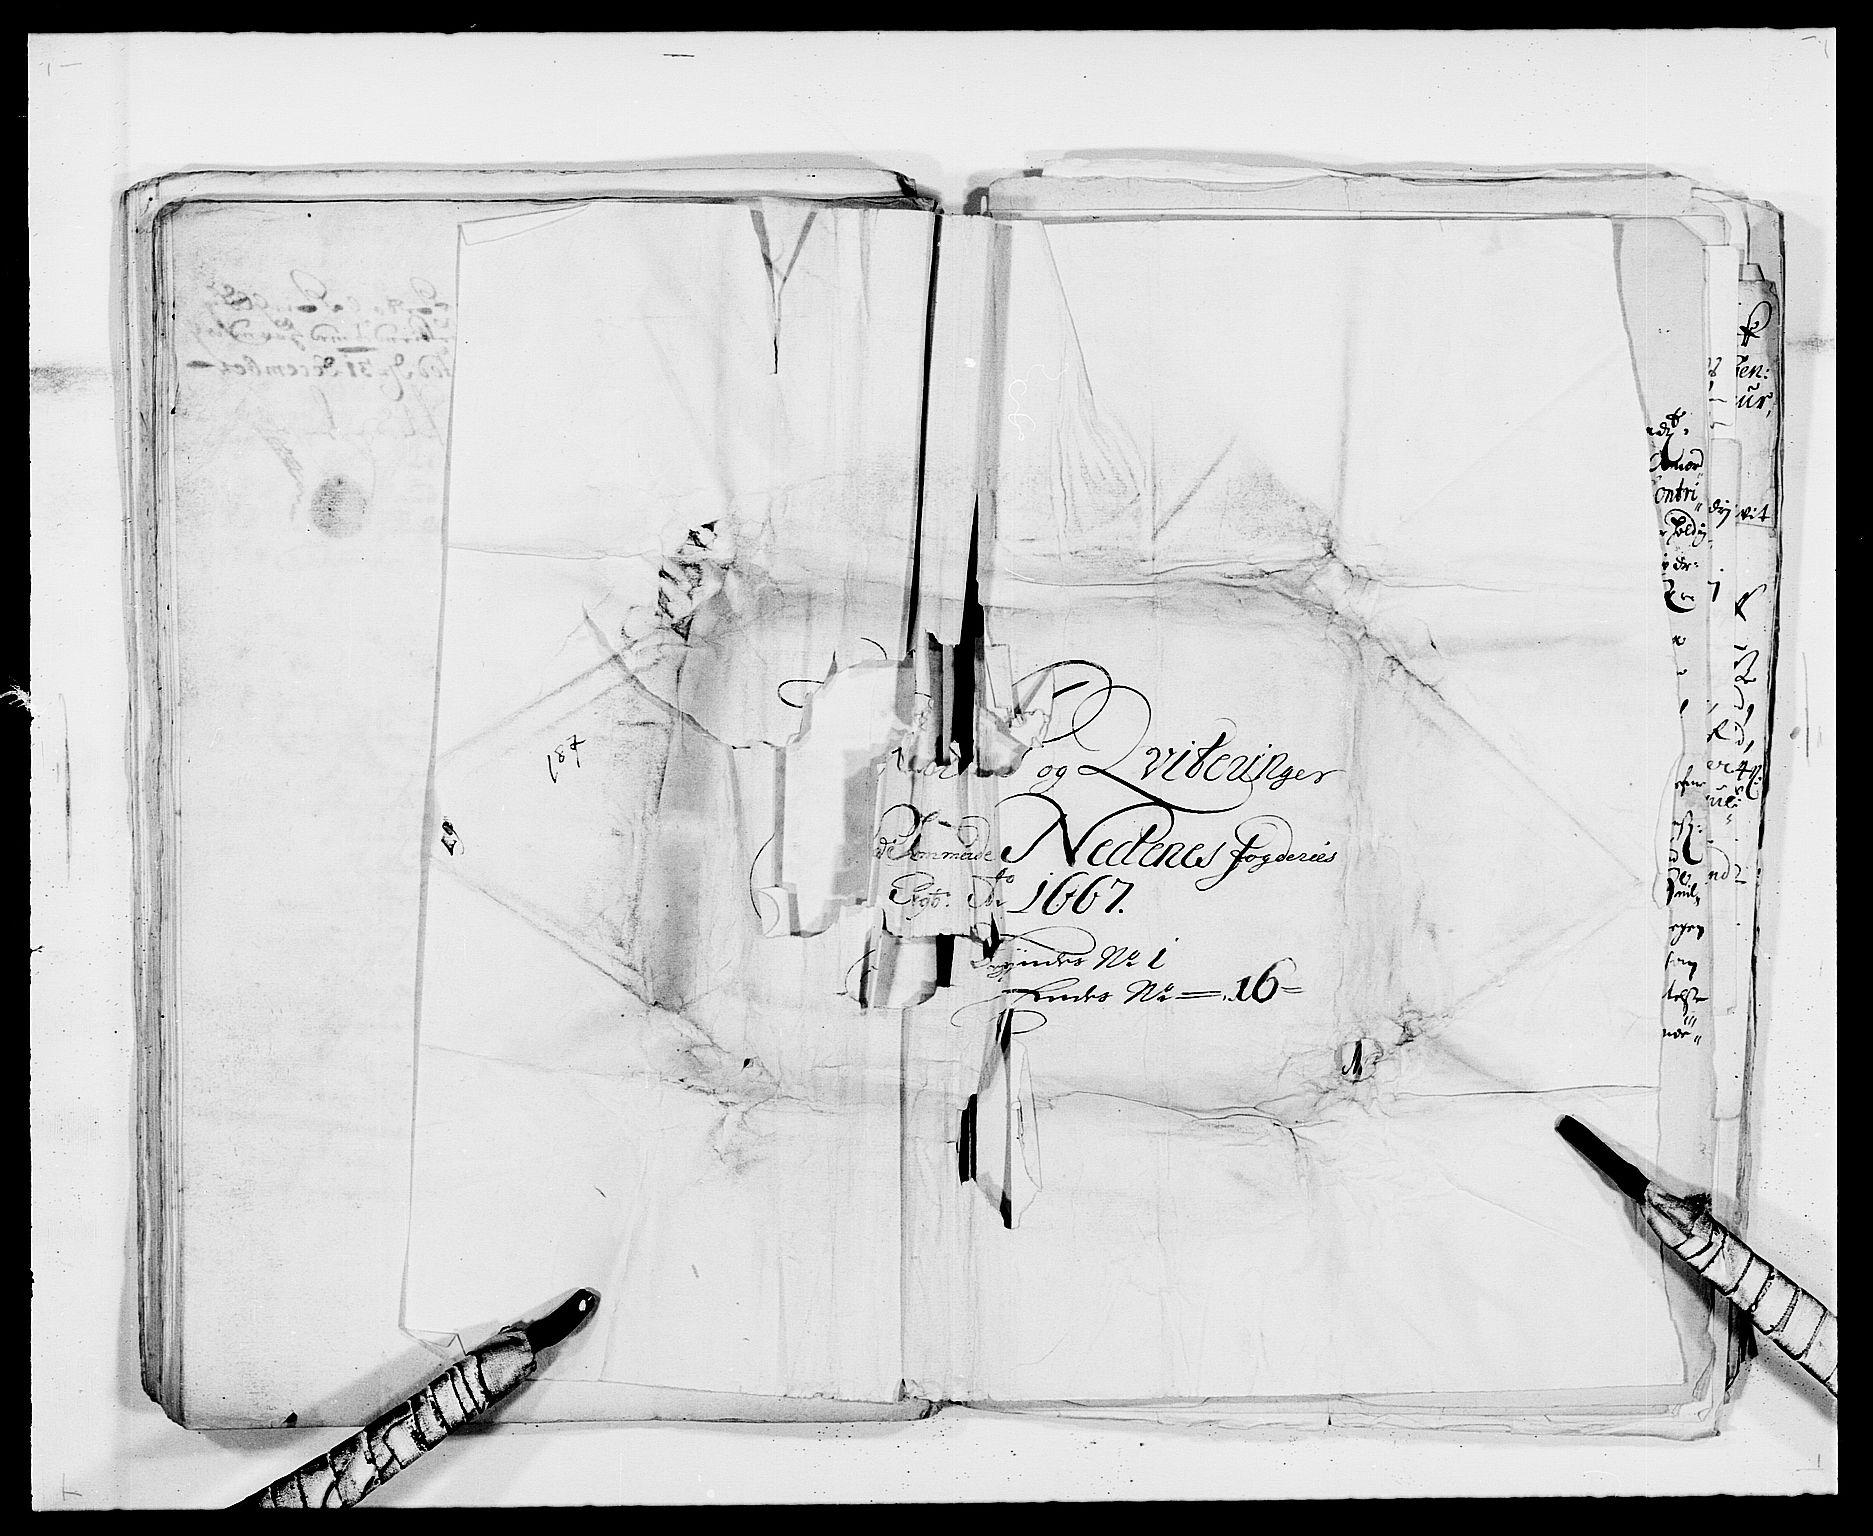 RA, Rentekammeret inntil 1814, Reviderte regnskaper, Fogderegnskap, R39/L2298: Fogderegnskap Nedenes, 1667-1669, s. 18